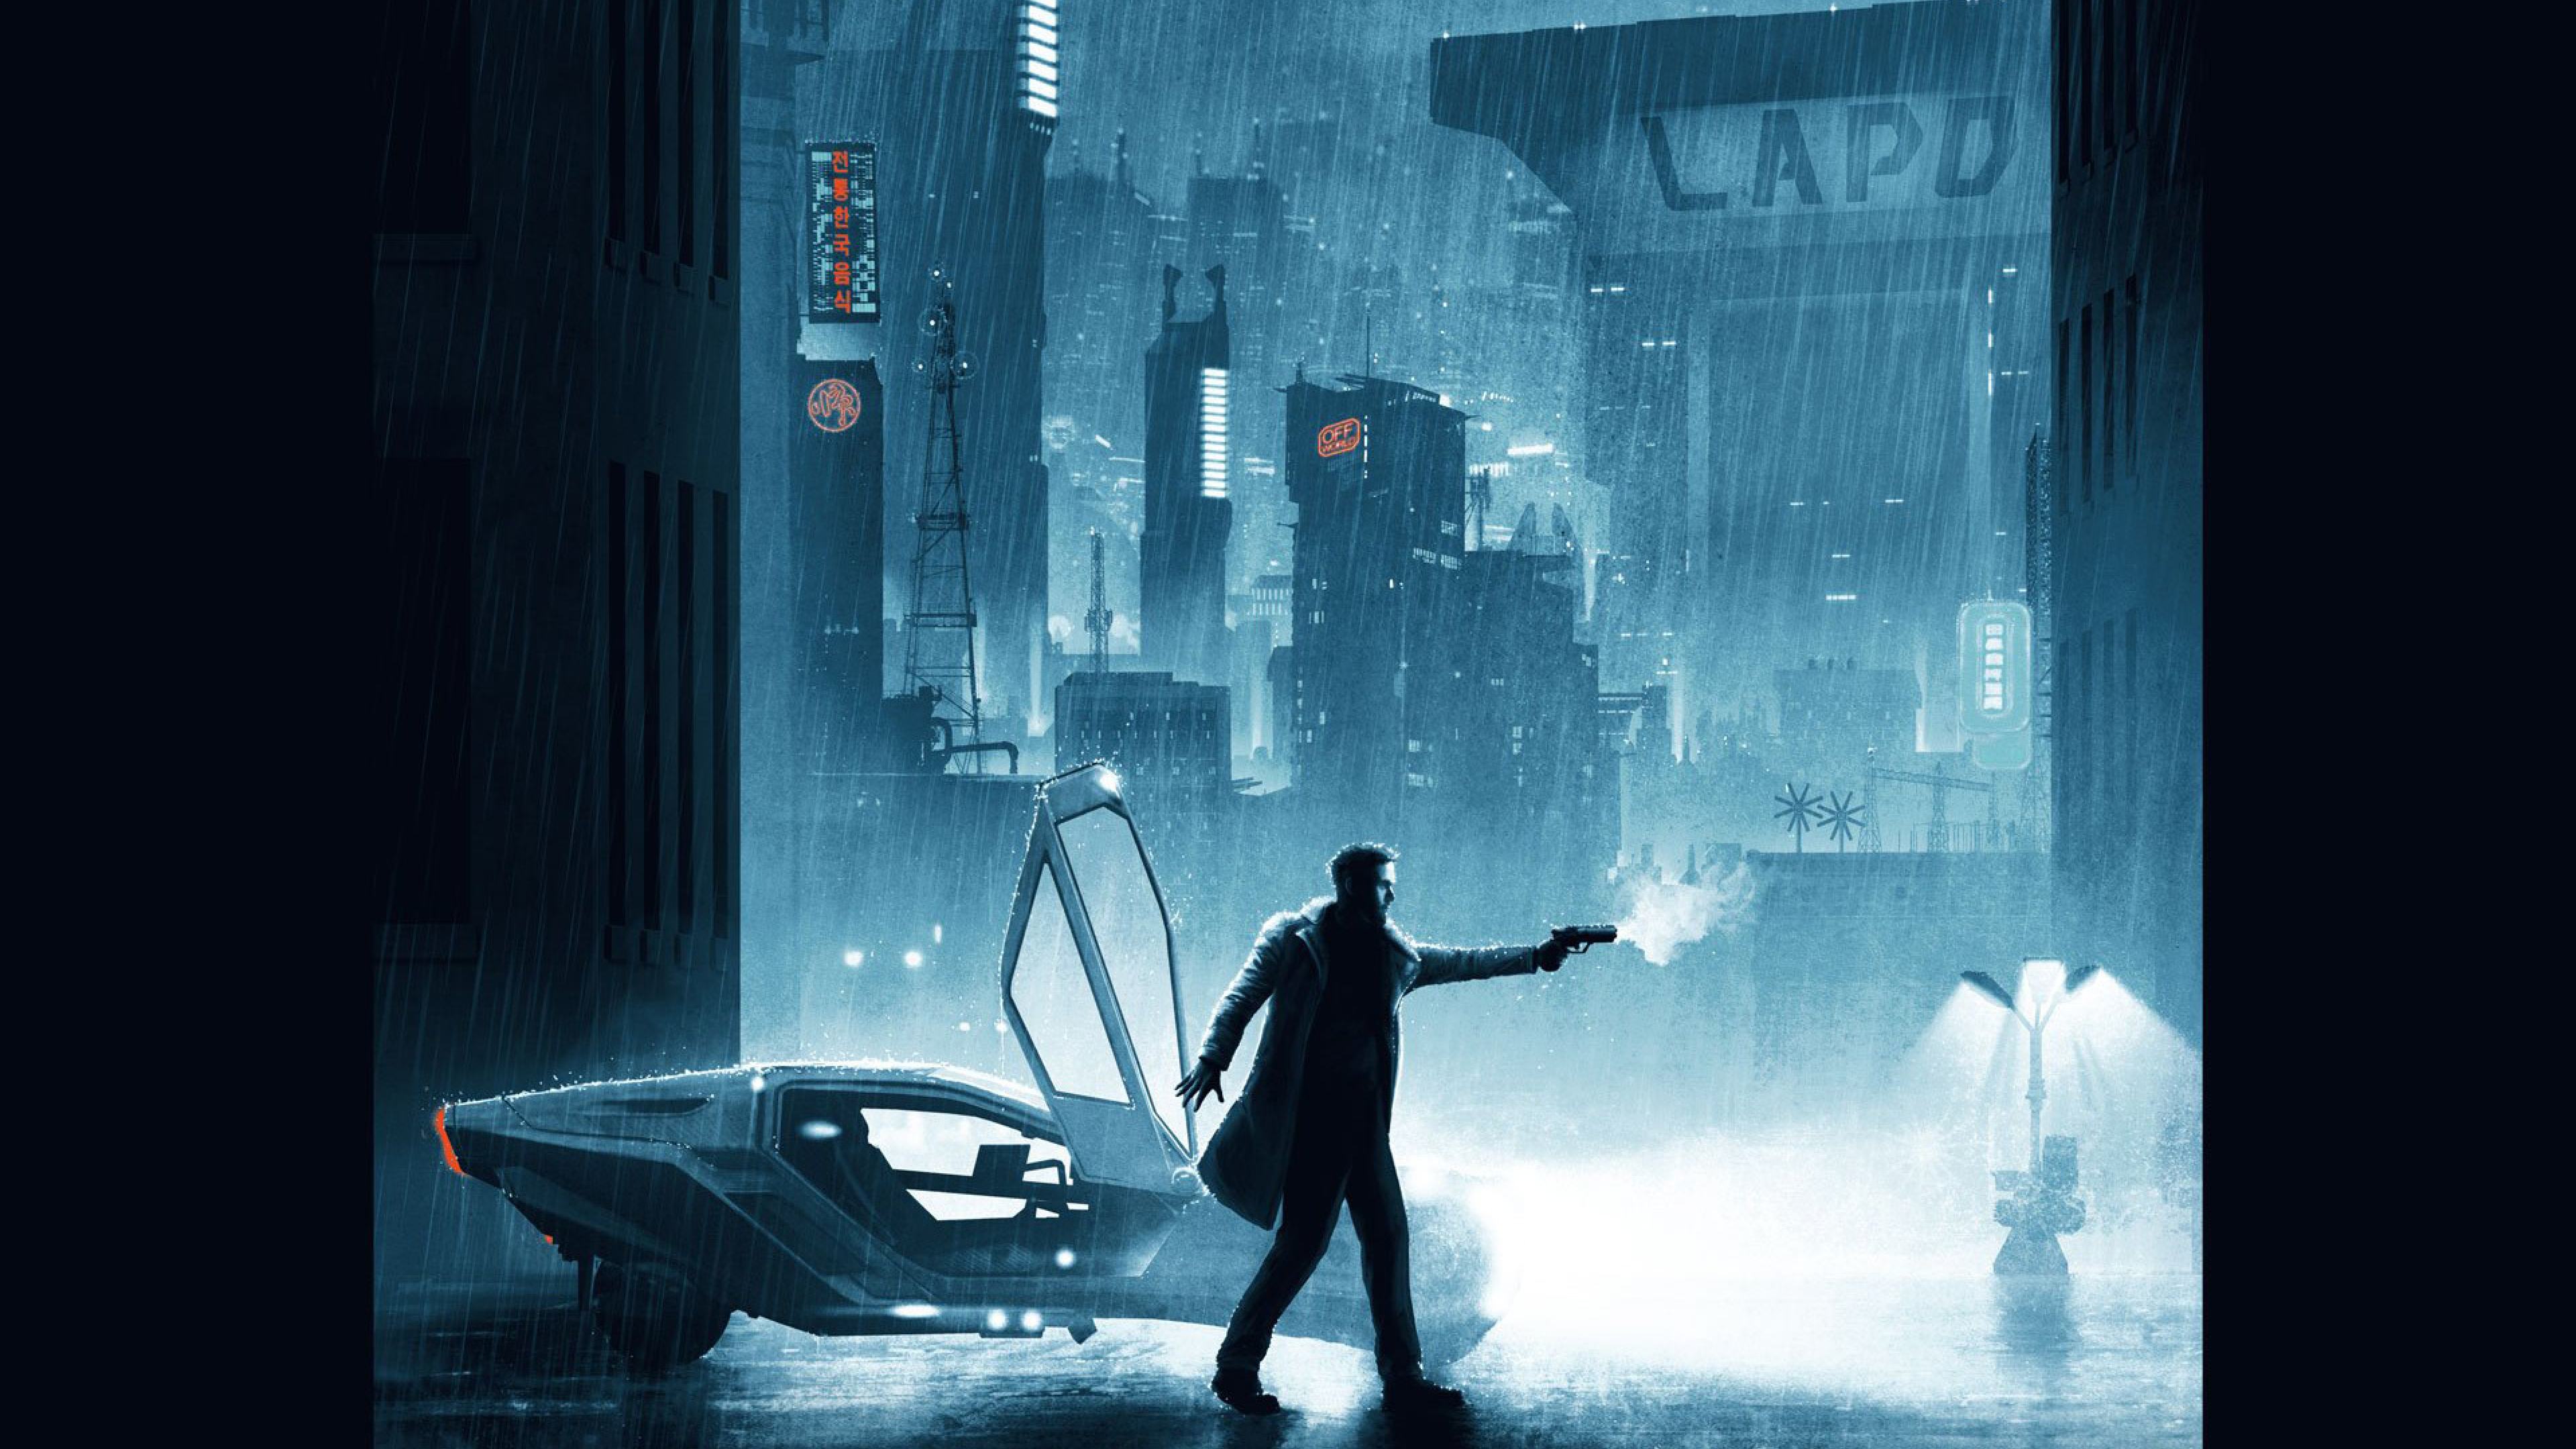 3840x2160 Ryan Gosling Blade Runner 2049 Still 4k Wallpaper Hd